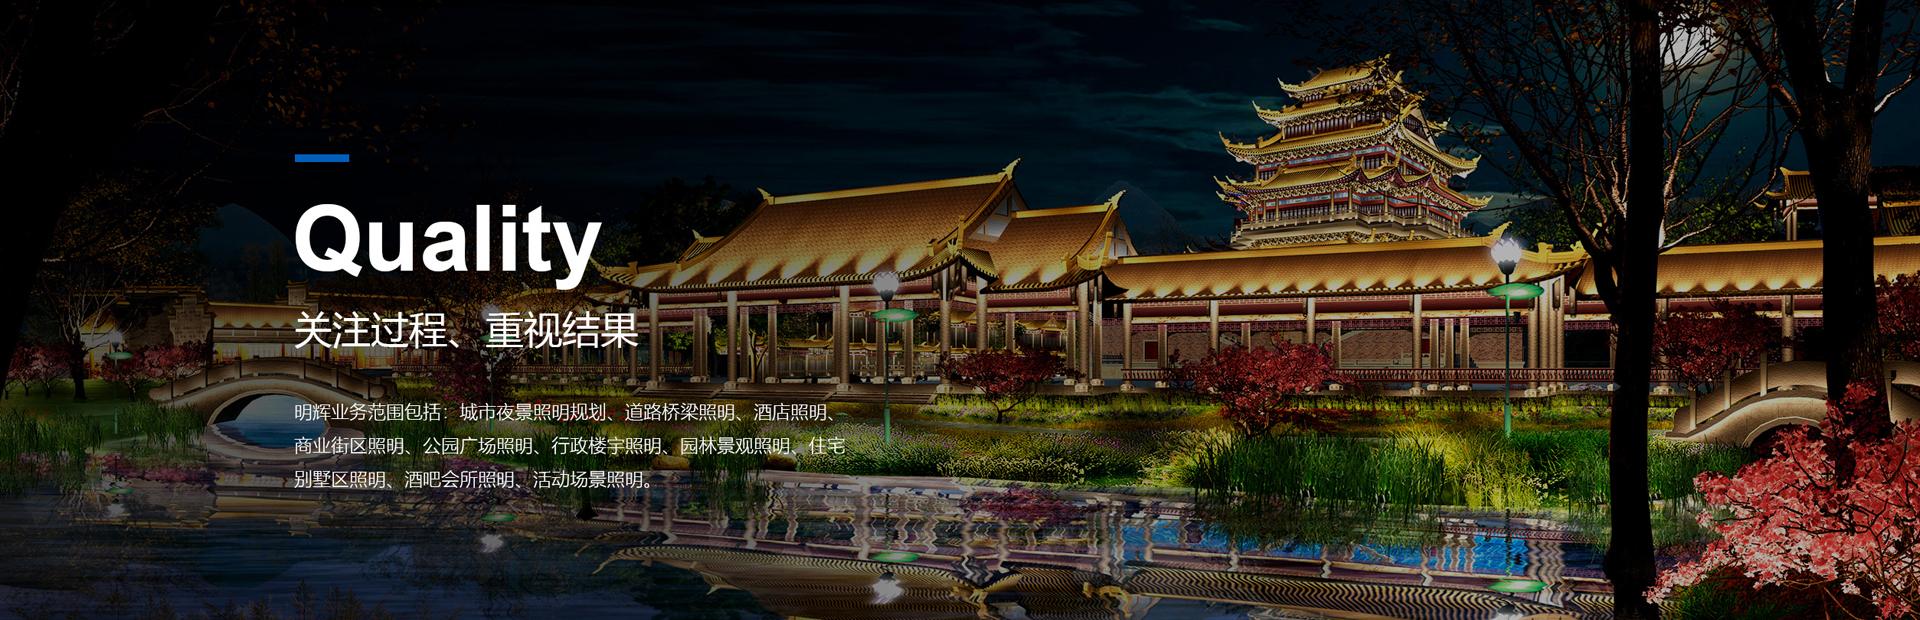 贵州楼体亮化工程